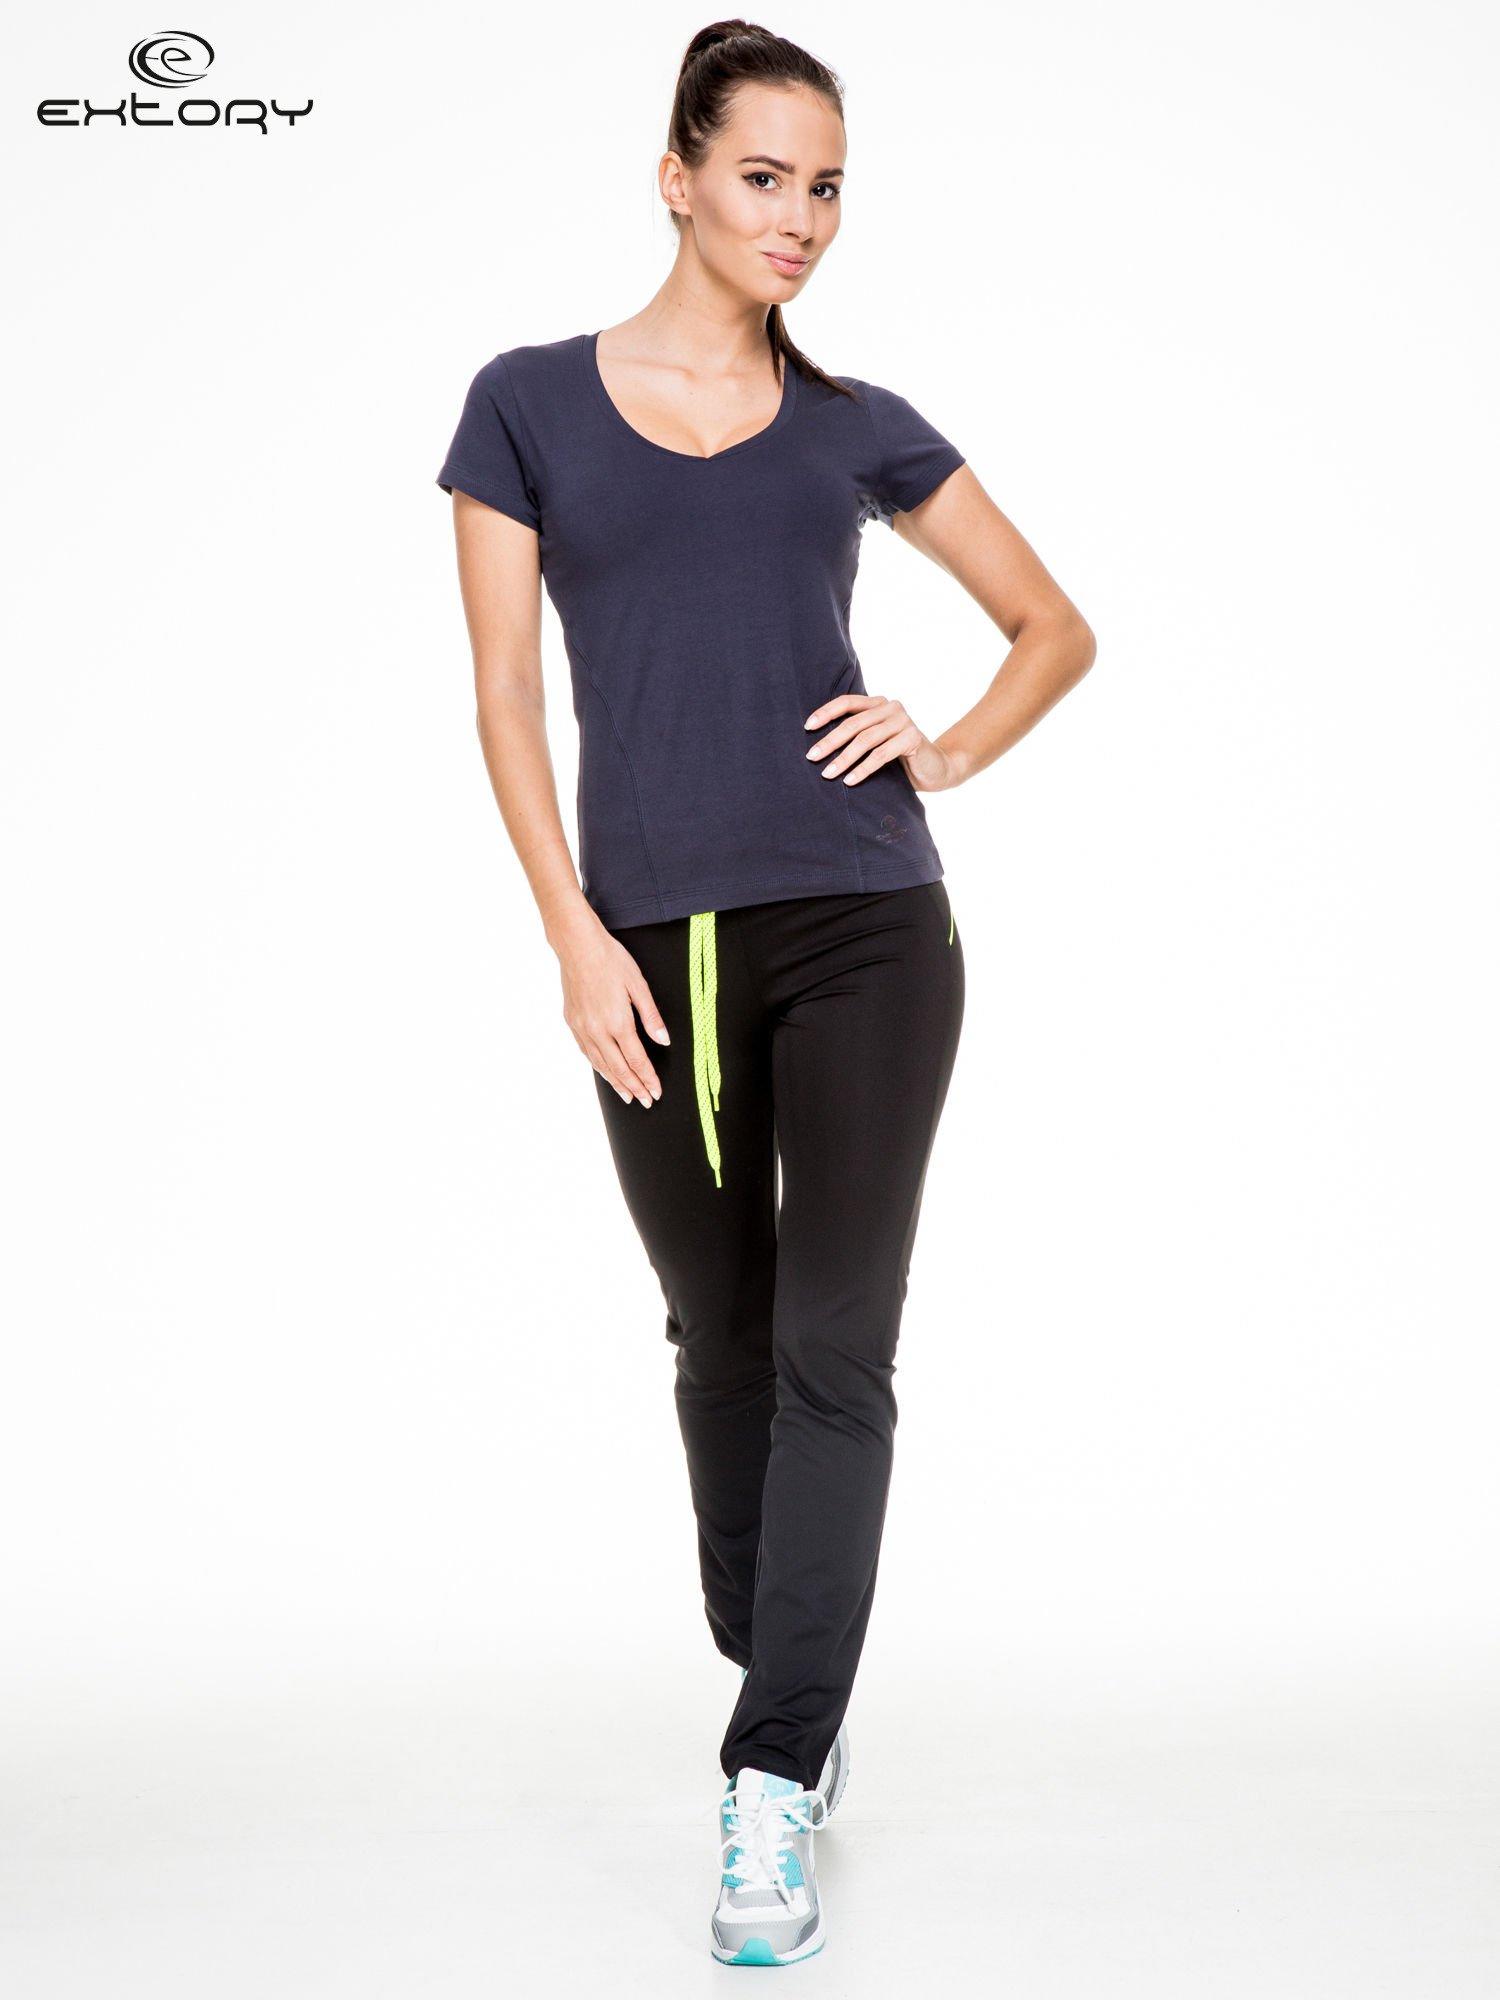 Granatowy damski t-shirt sportowy z modelującymi przeszyciami                                  zdj.                                  2